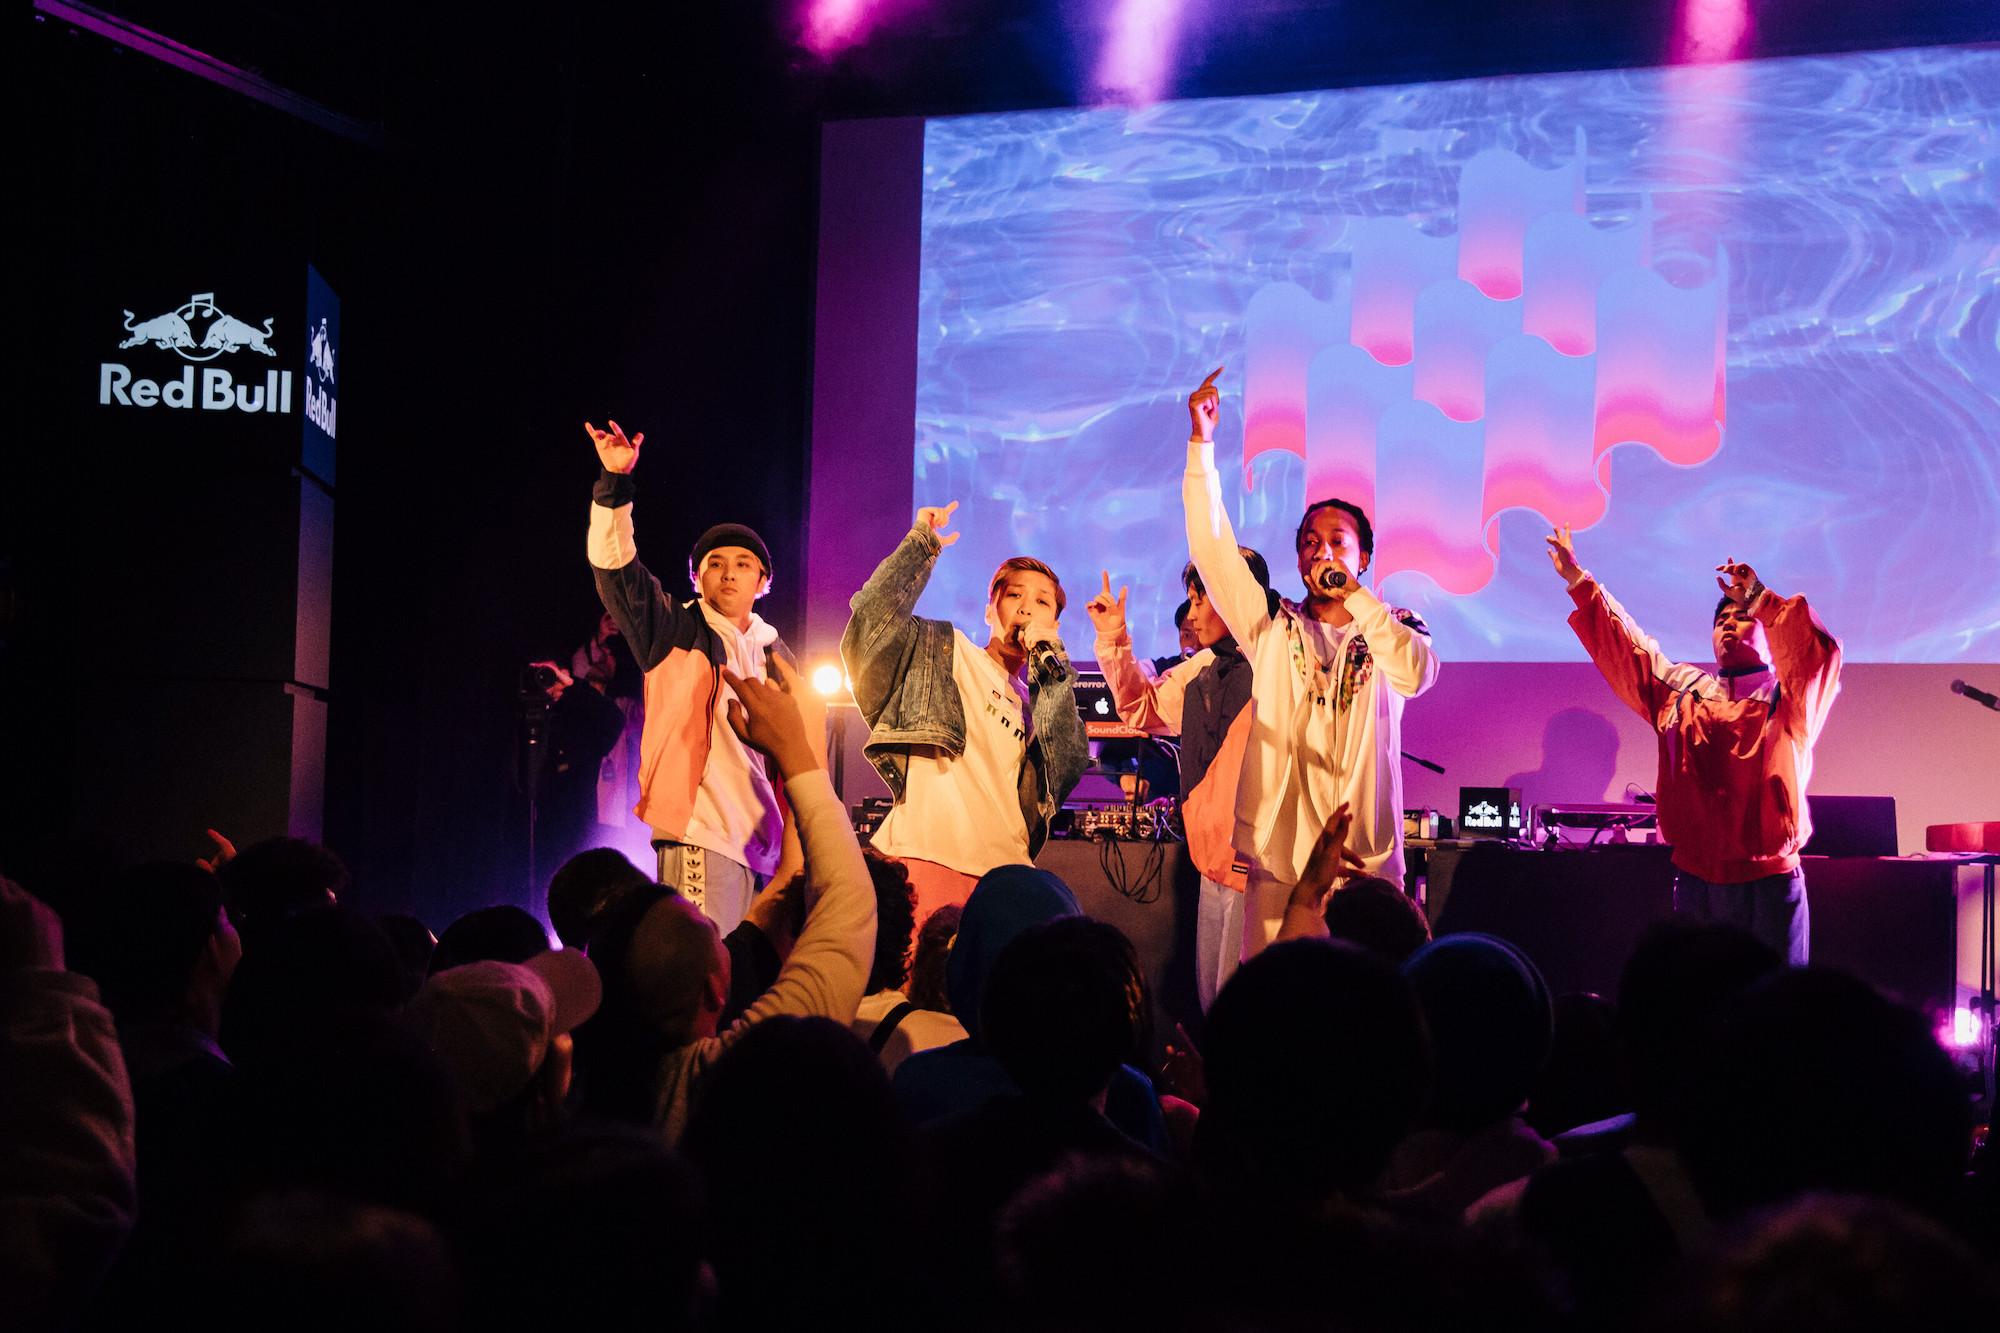 【レポート】RED BULL MUSIC FESTIVAL TOKYO AND 88RISING PRESENT:JAPAN RISING music190412-red-bull-music-festival-tokyo-2019-japan-rising-2